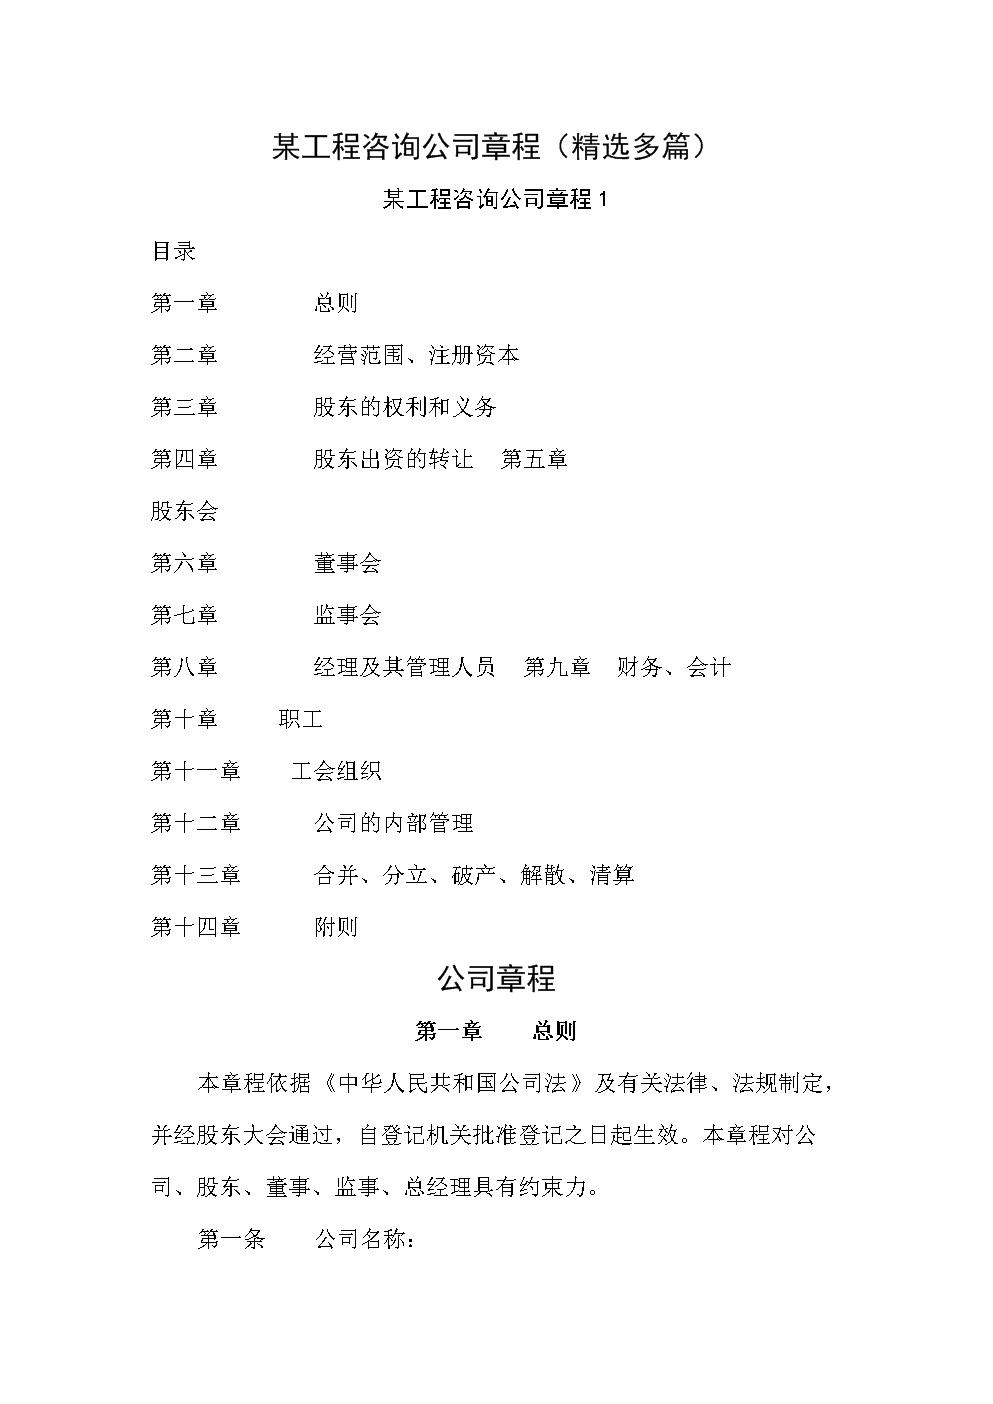 某工 程咨询公司章程(精选多篇).docx